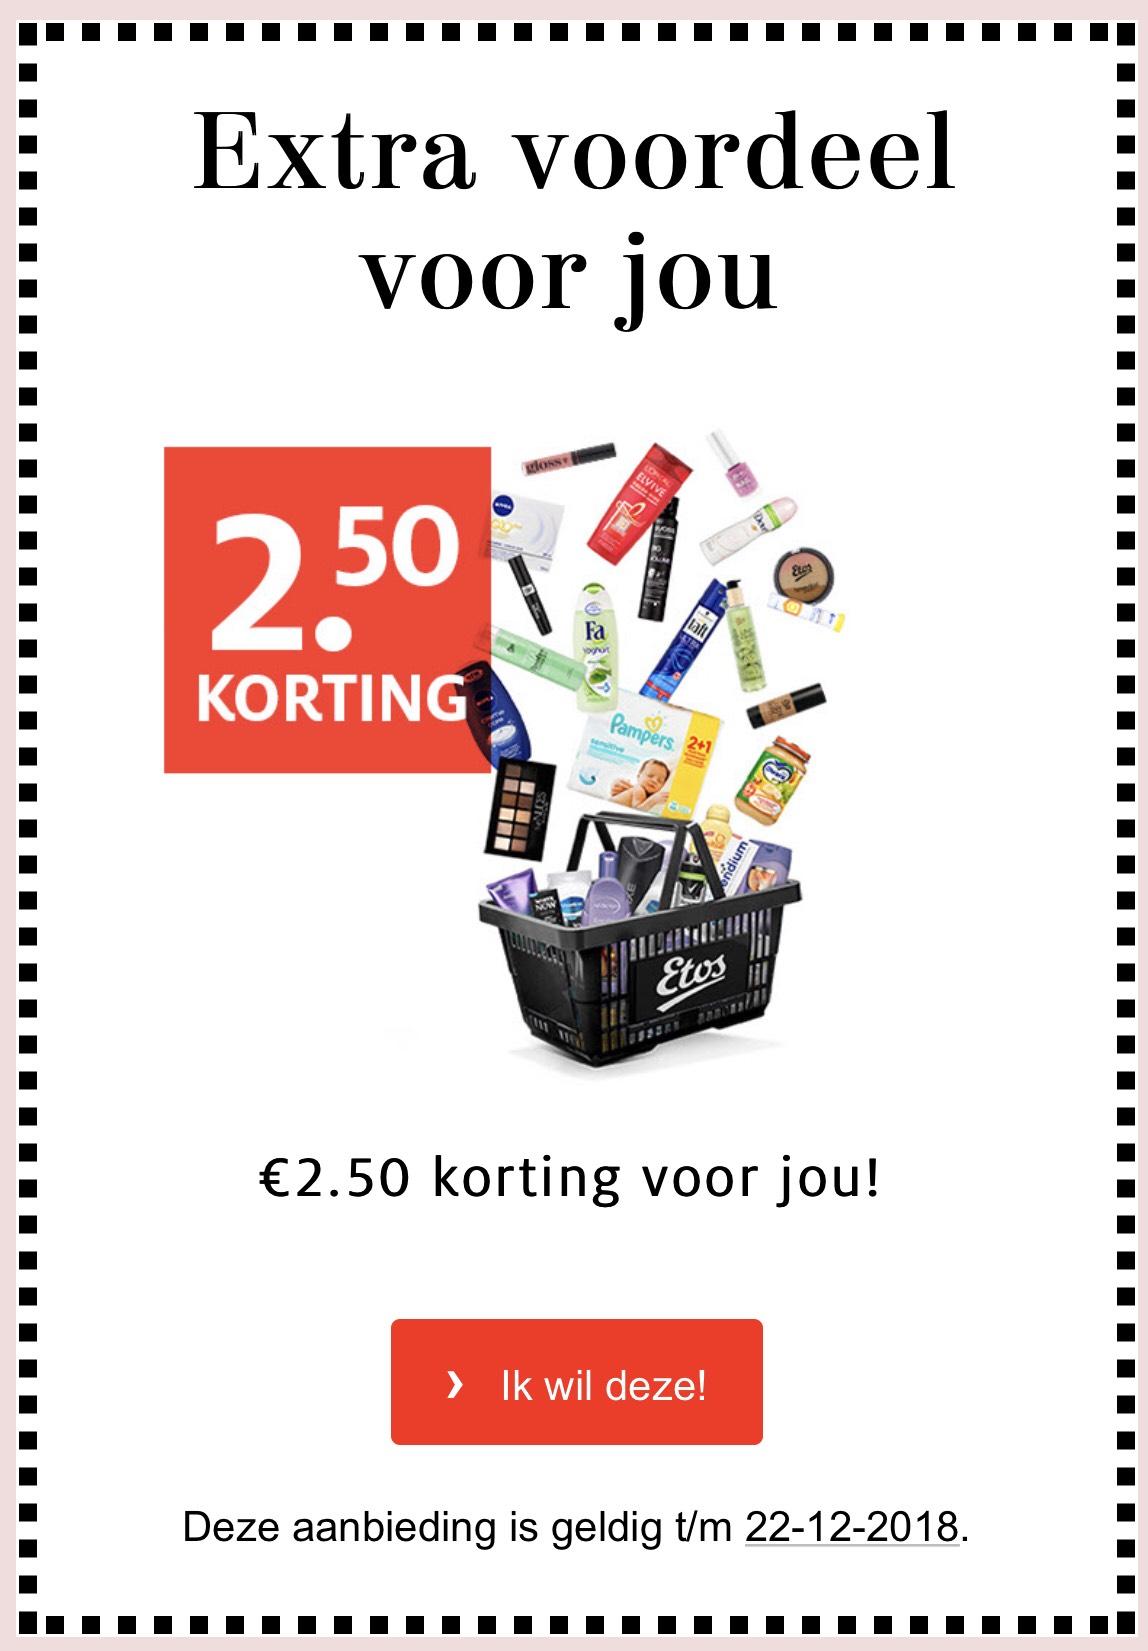 €2,50 korting met de Etos app